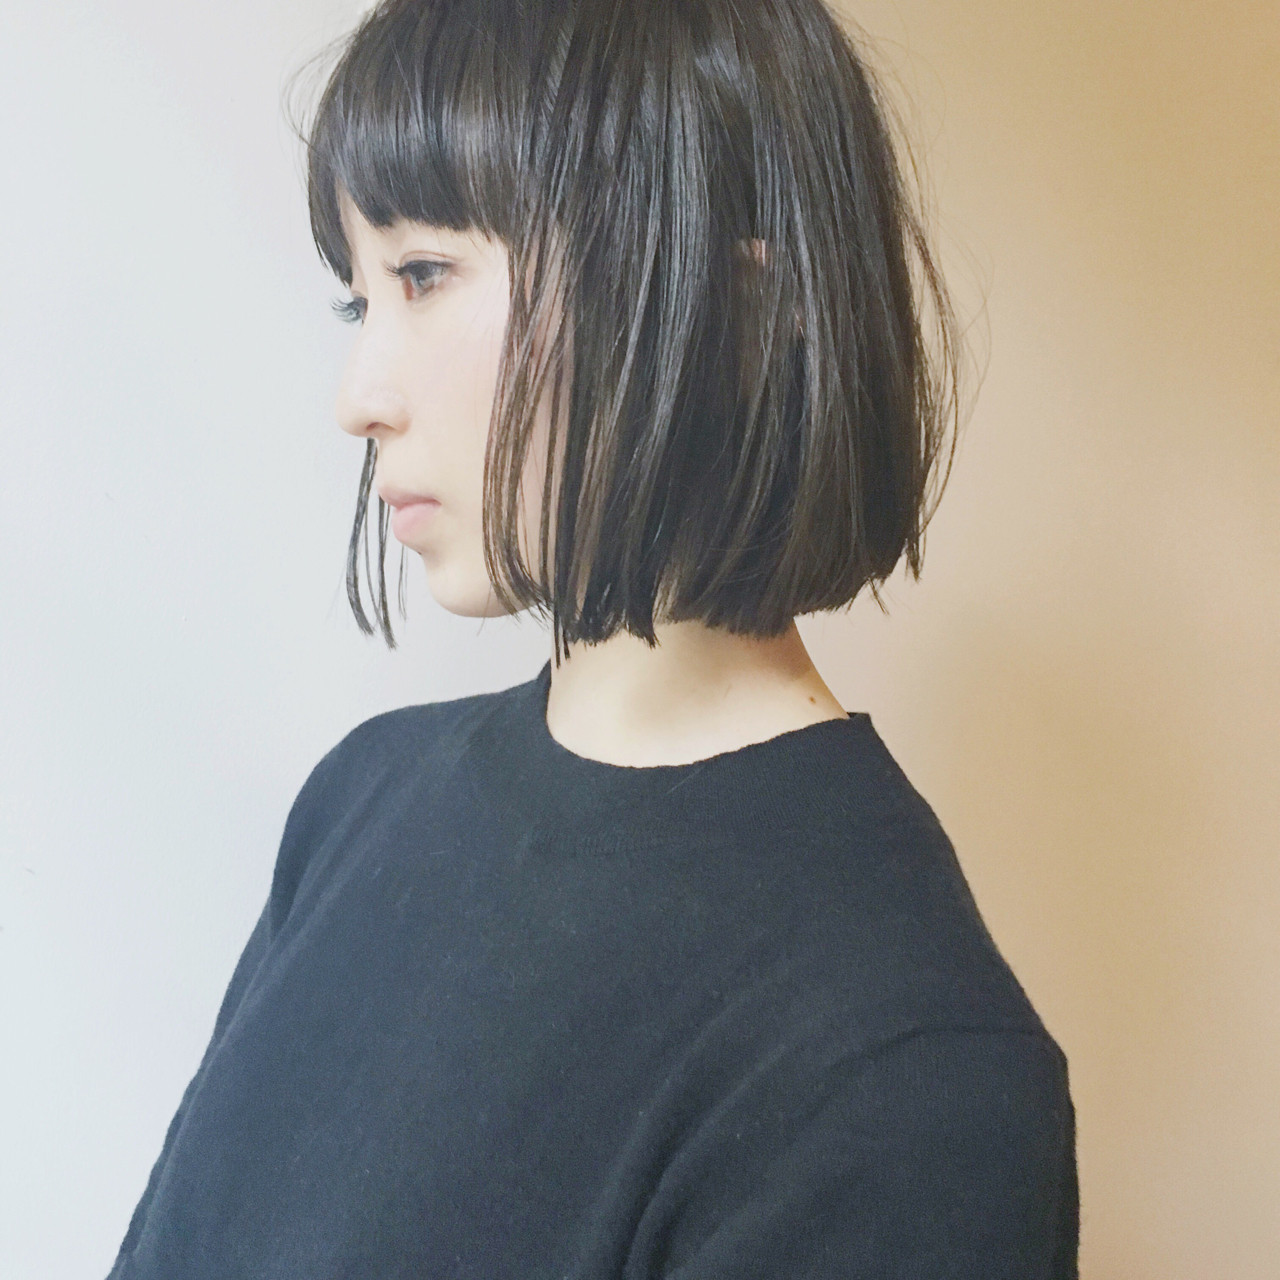 【ヘアカタログ】黒髪を活かしたヘアスタイル8選  佐藤 祐亮